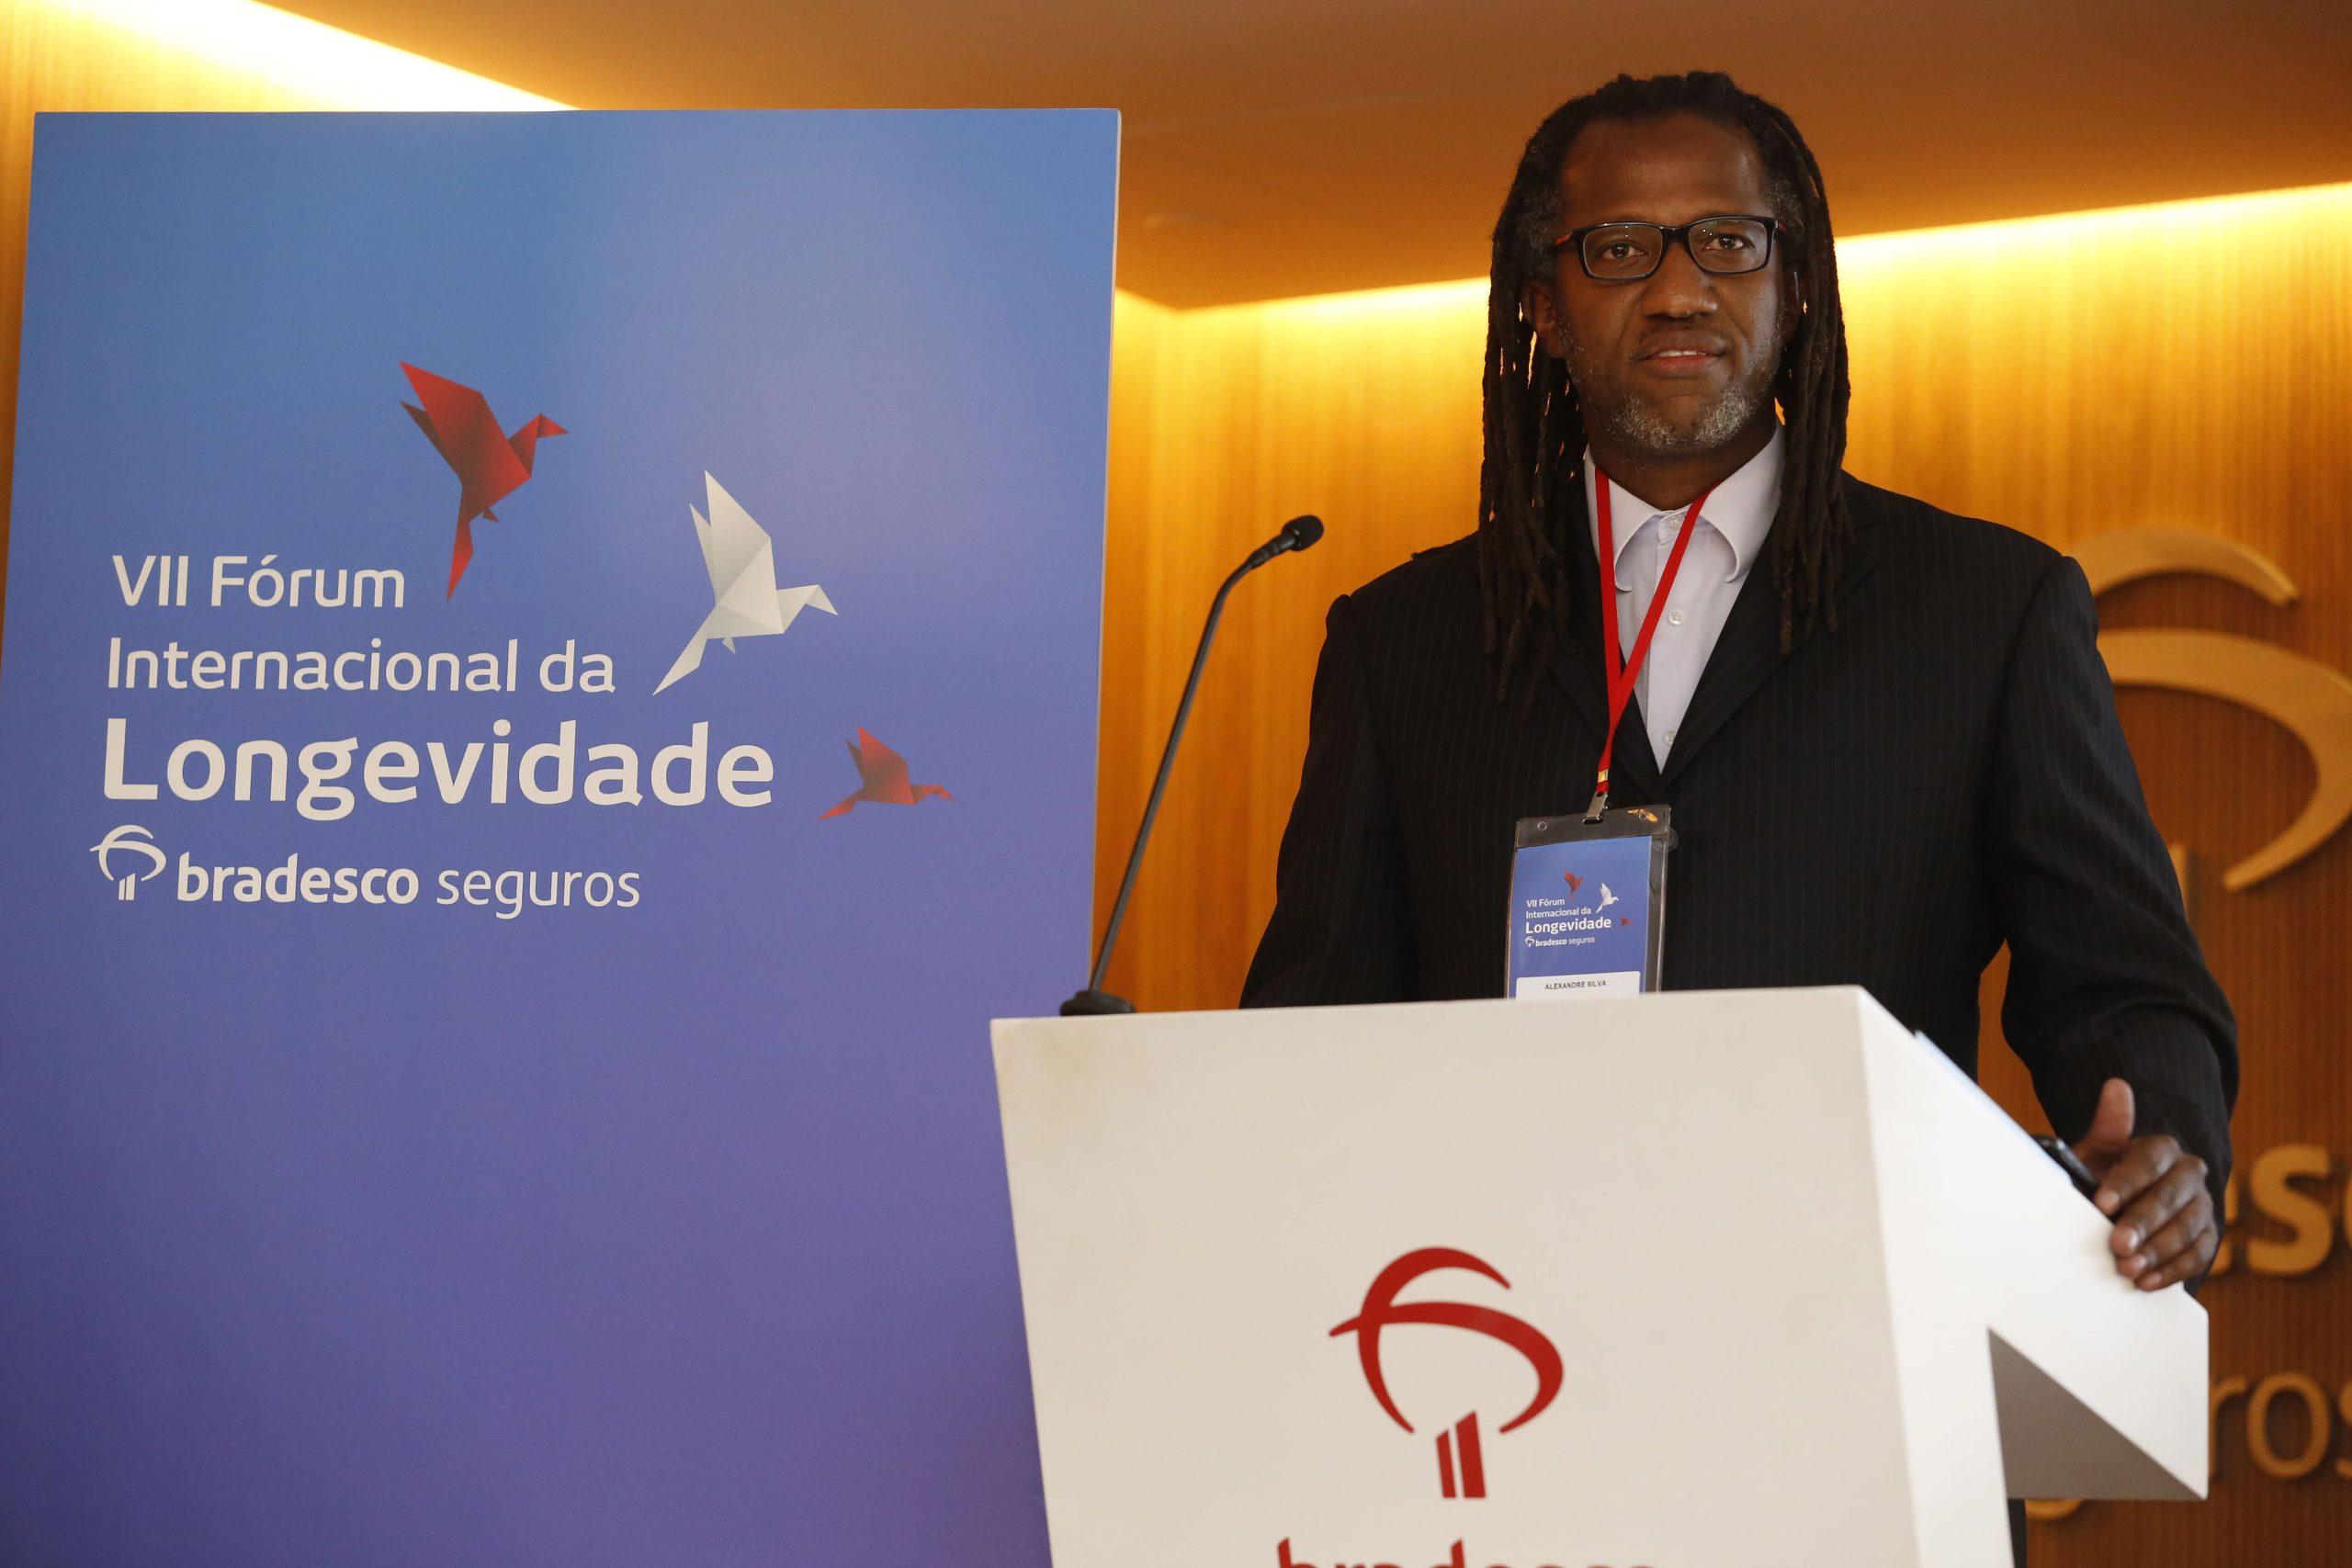 Alexandre Silva - VII Fórum Internacional da Longevidade